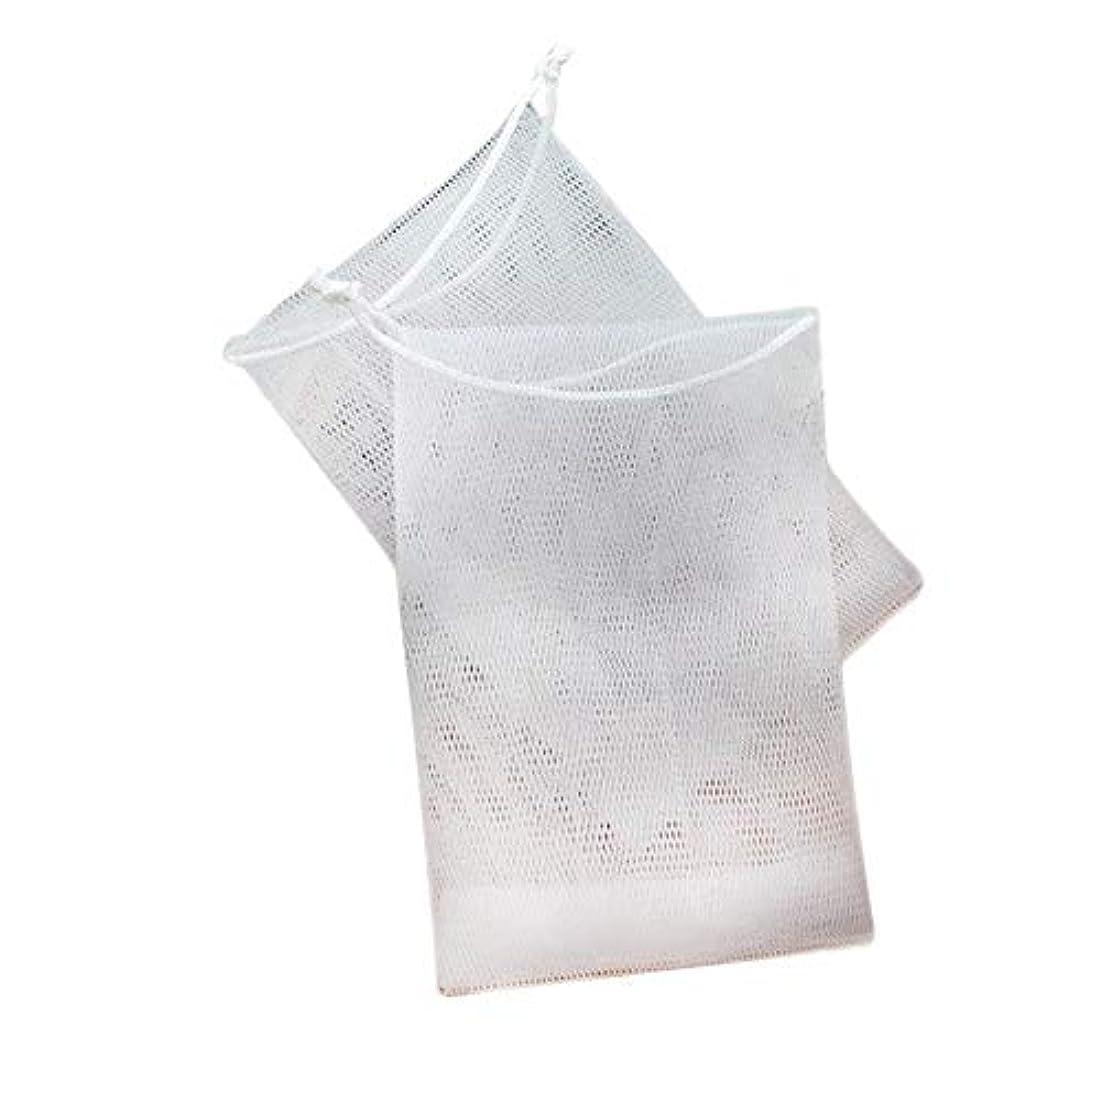 アナニバー宅配便知り合いになる石鹸の袋の網のドローストリング袋は ハンドメイドの石鹸の泡泡ネットメーカーのために掛けることができます 12×9cm